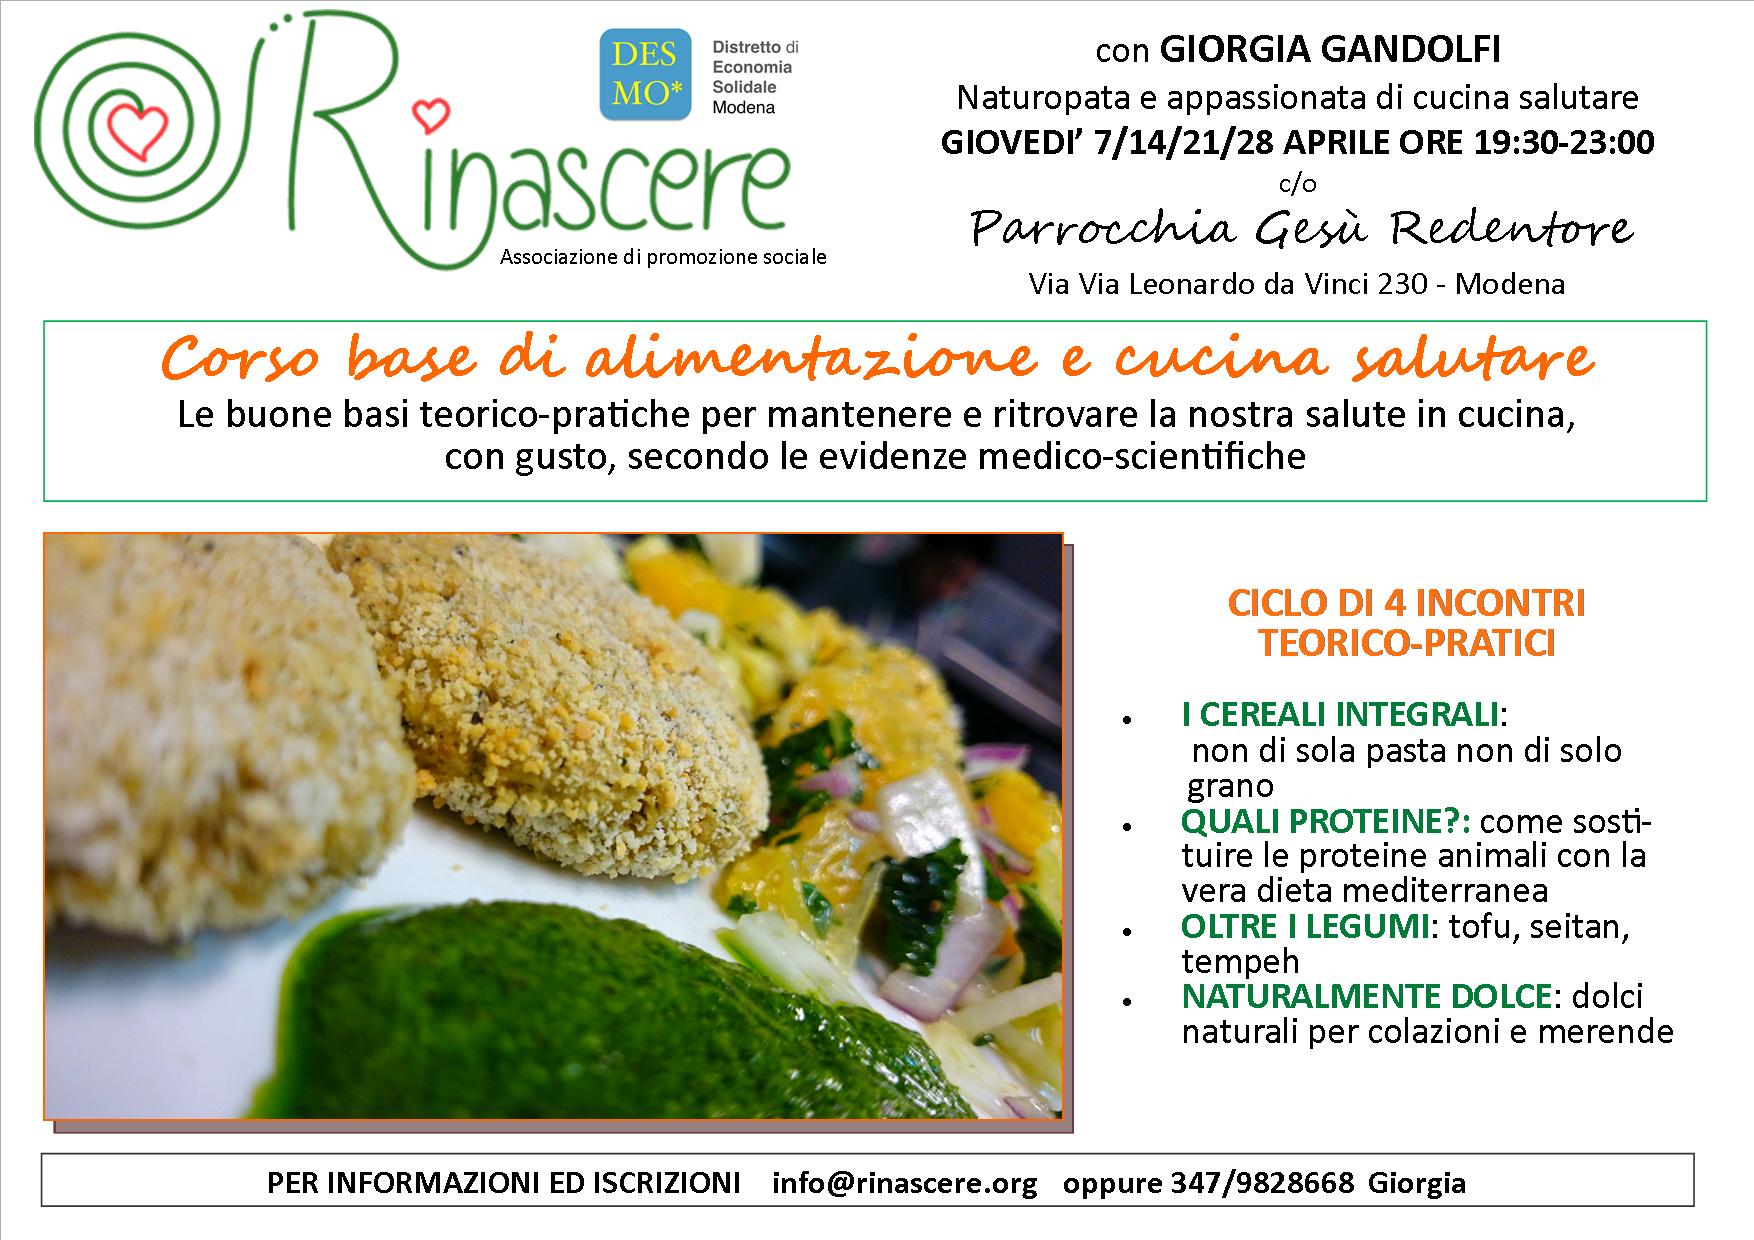 corso base alimentazione e cucina modena 2016 - Corsi Cucina Modena